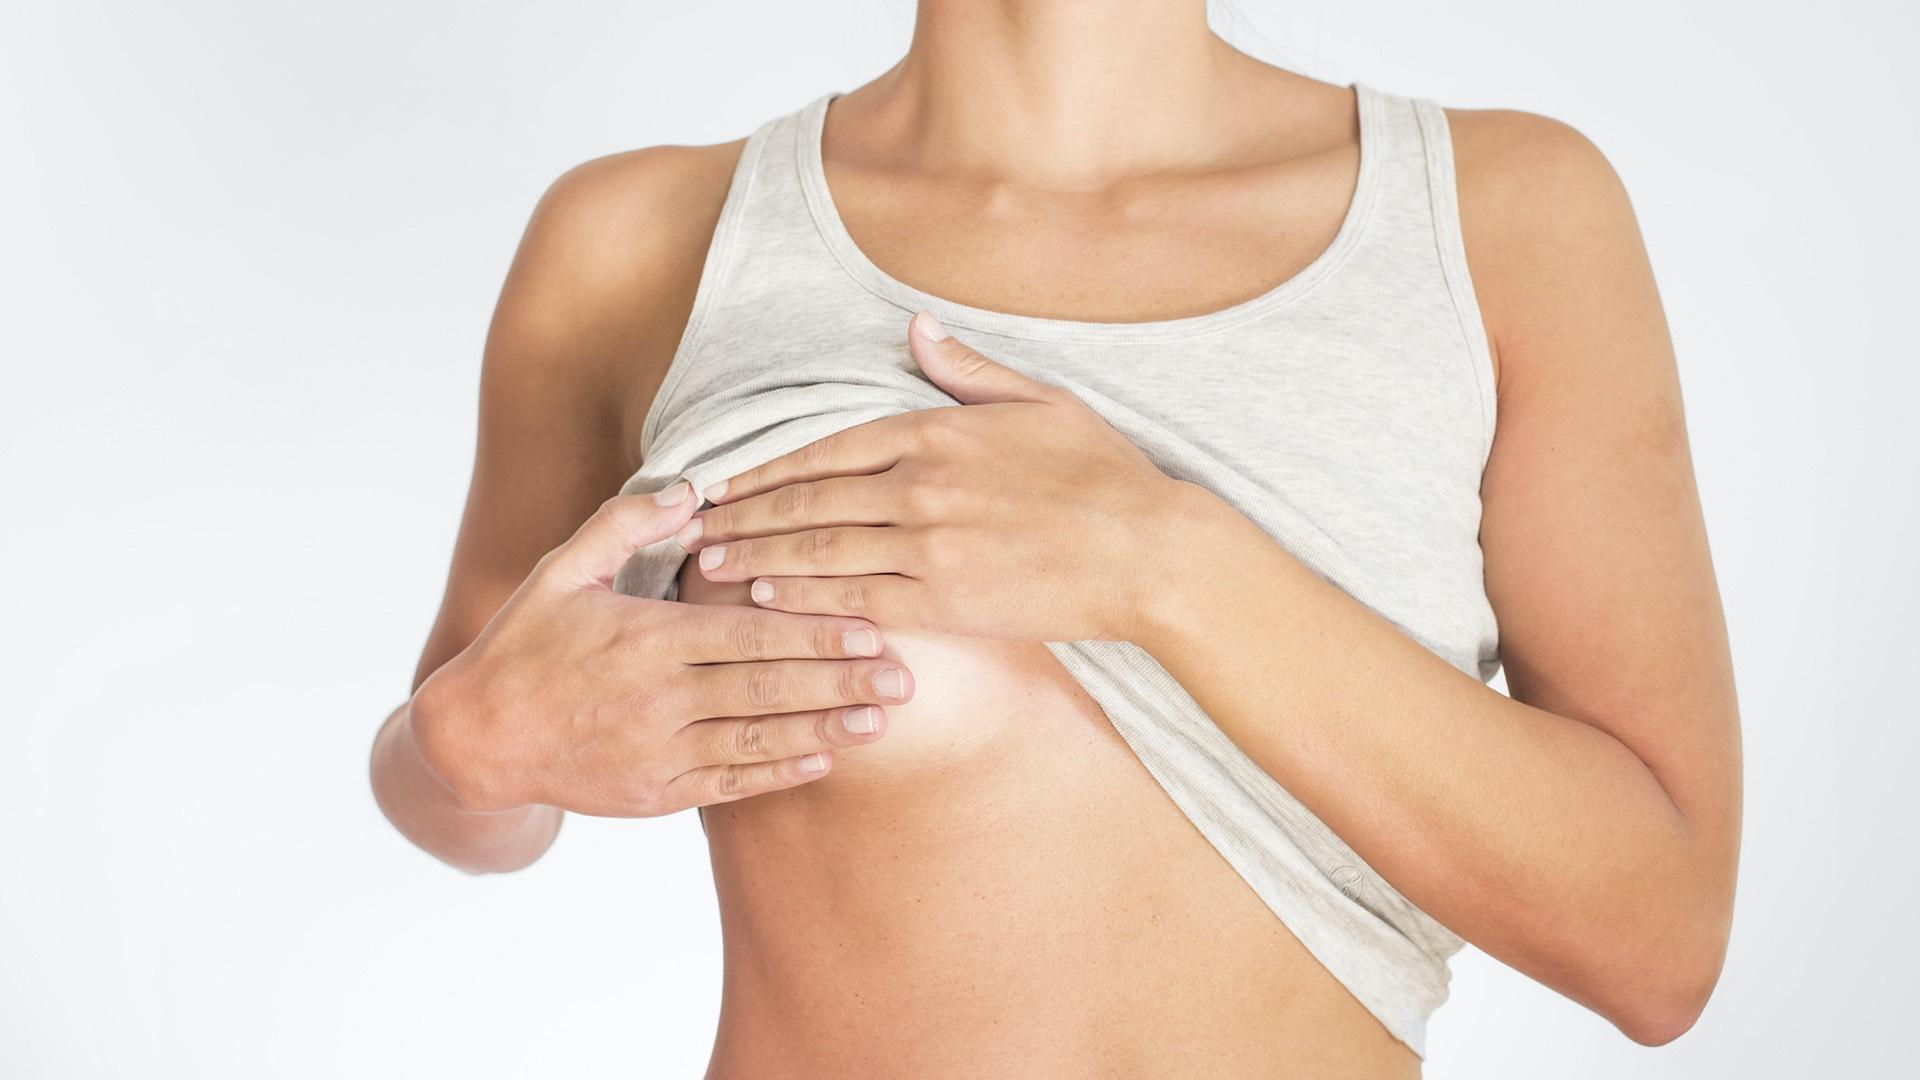 Frau tastet ihre Brust zur Brustkrebsvorsorge ab